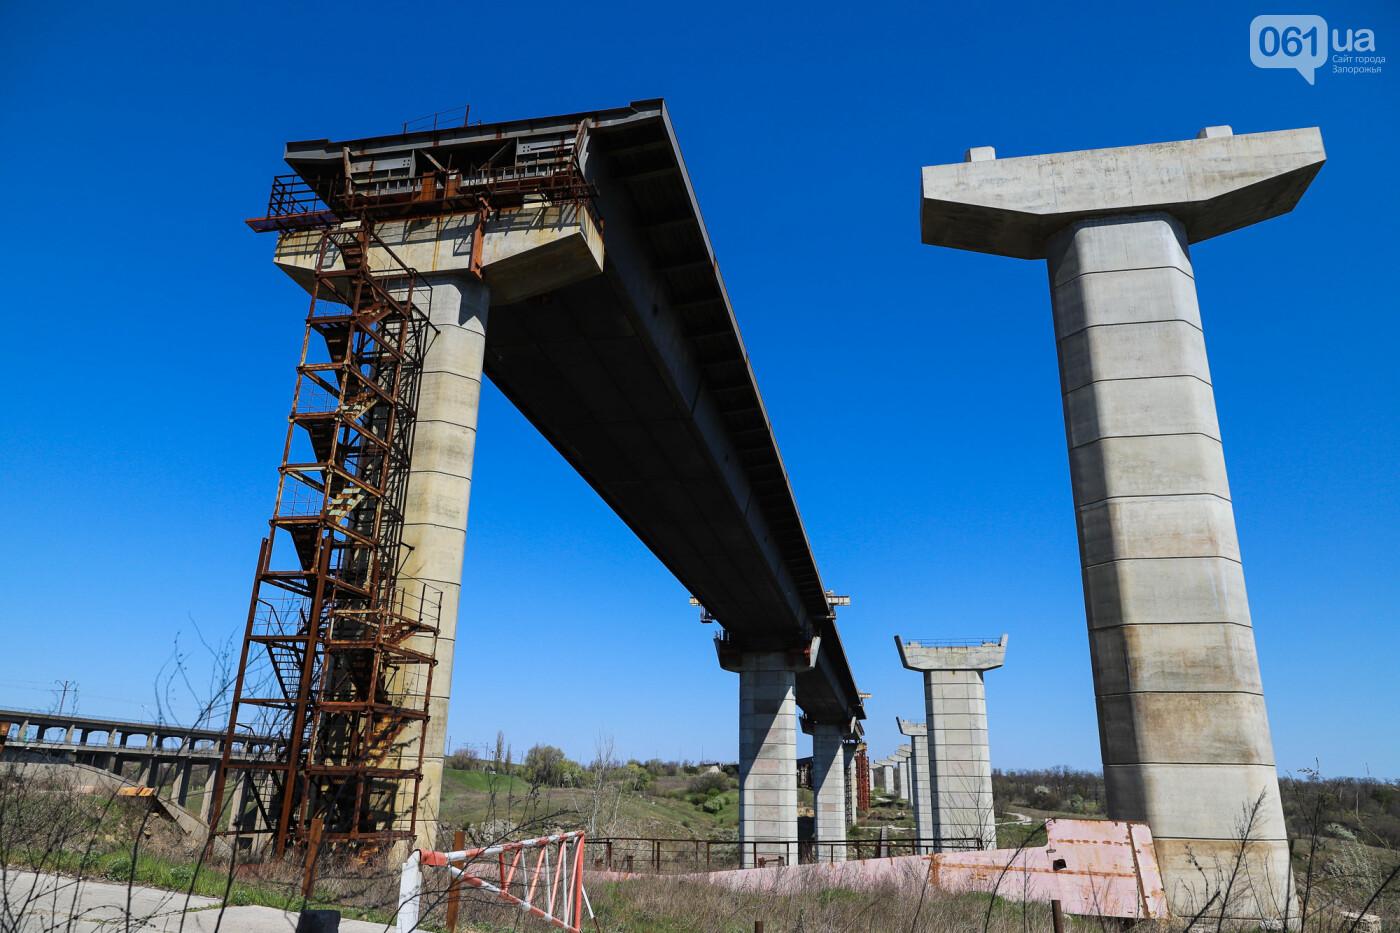 На запорожские мосты выделено 2,7 миллиарда: что сейчас проиходит стройплощадке, - ФОТОРЕПОРТАЖ, фото-45